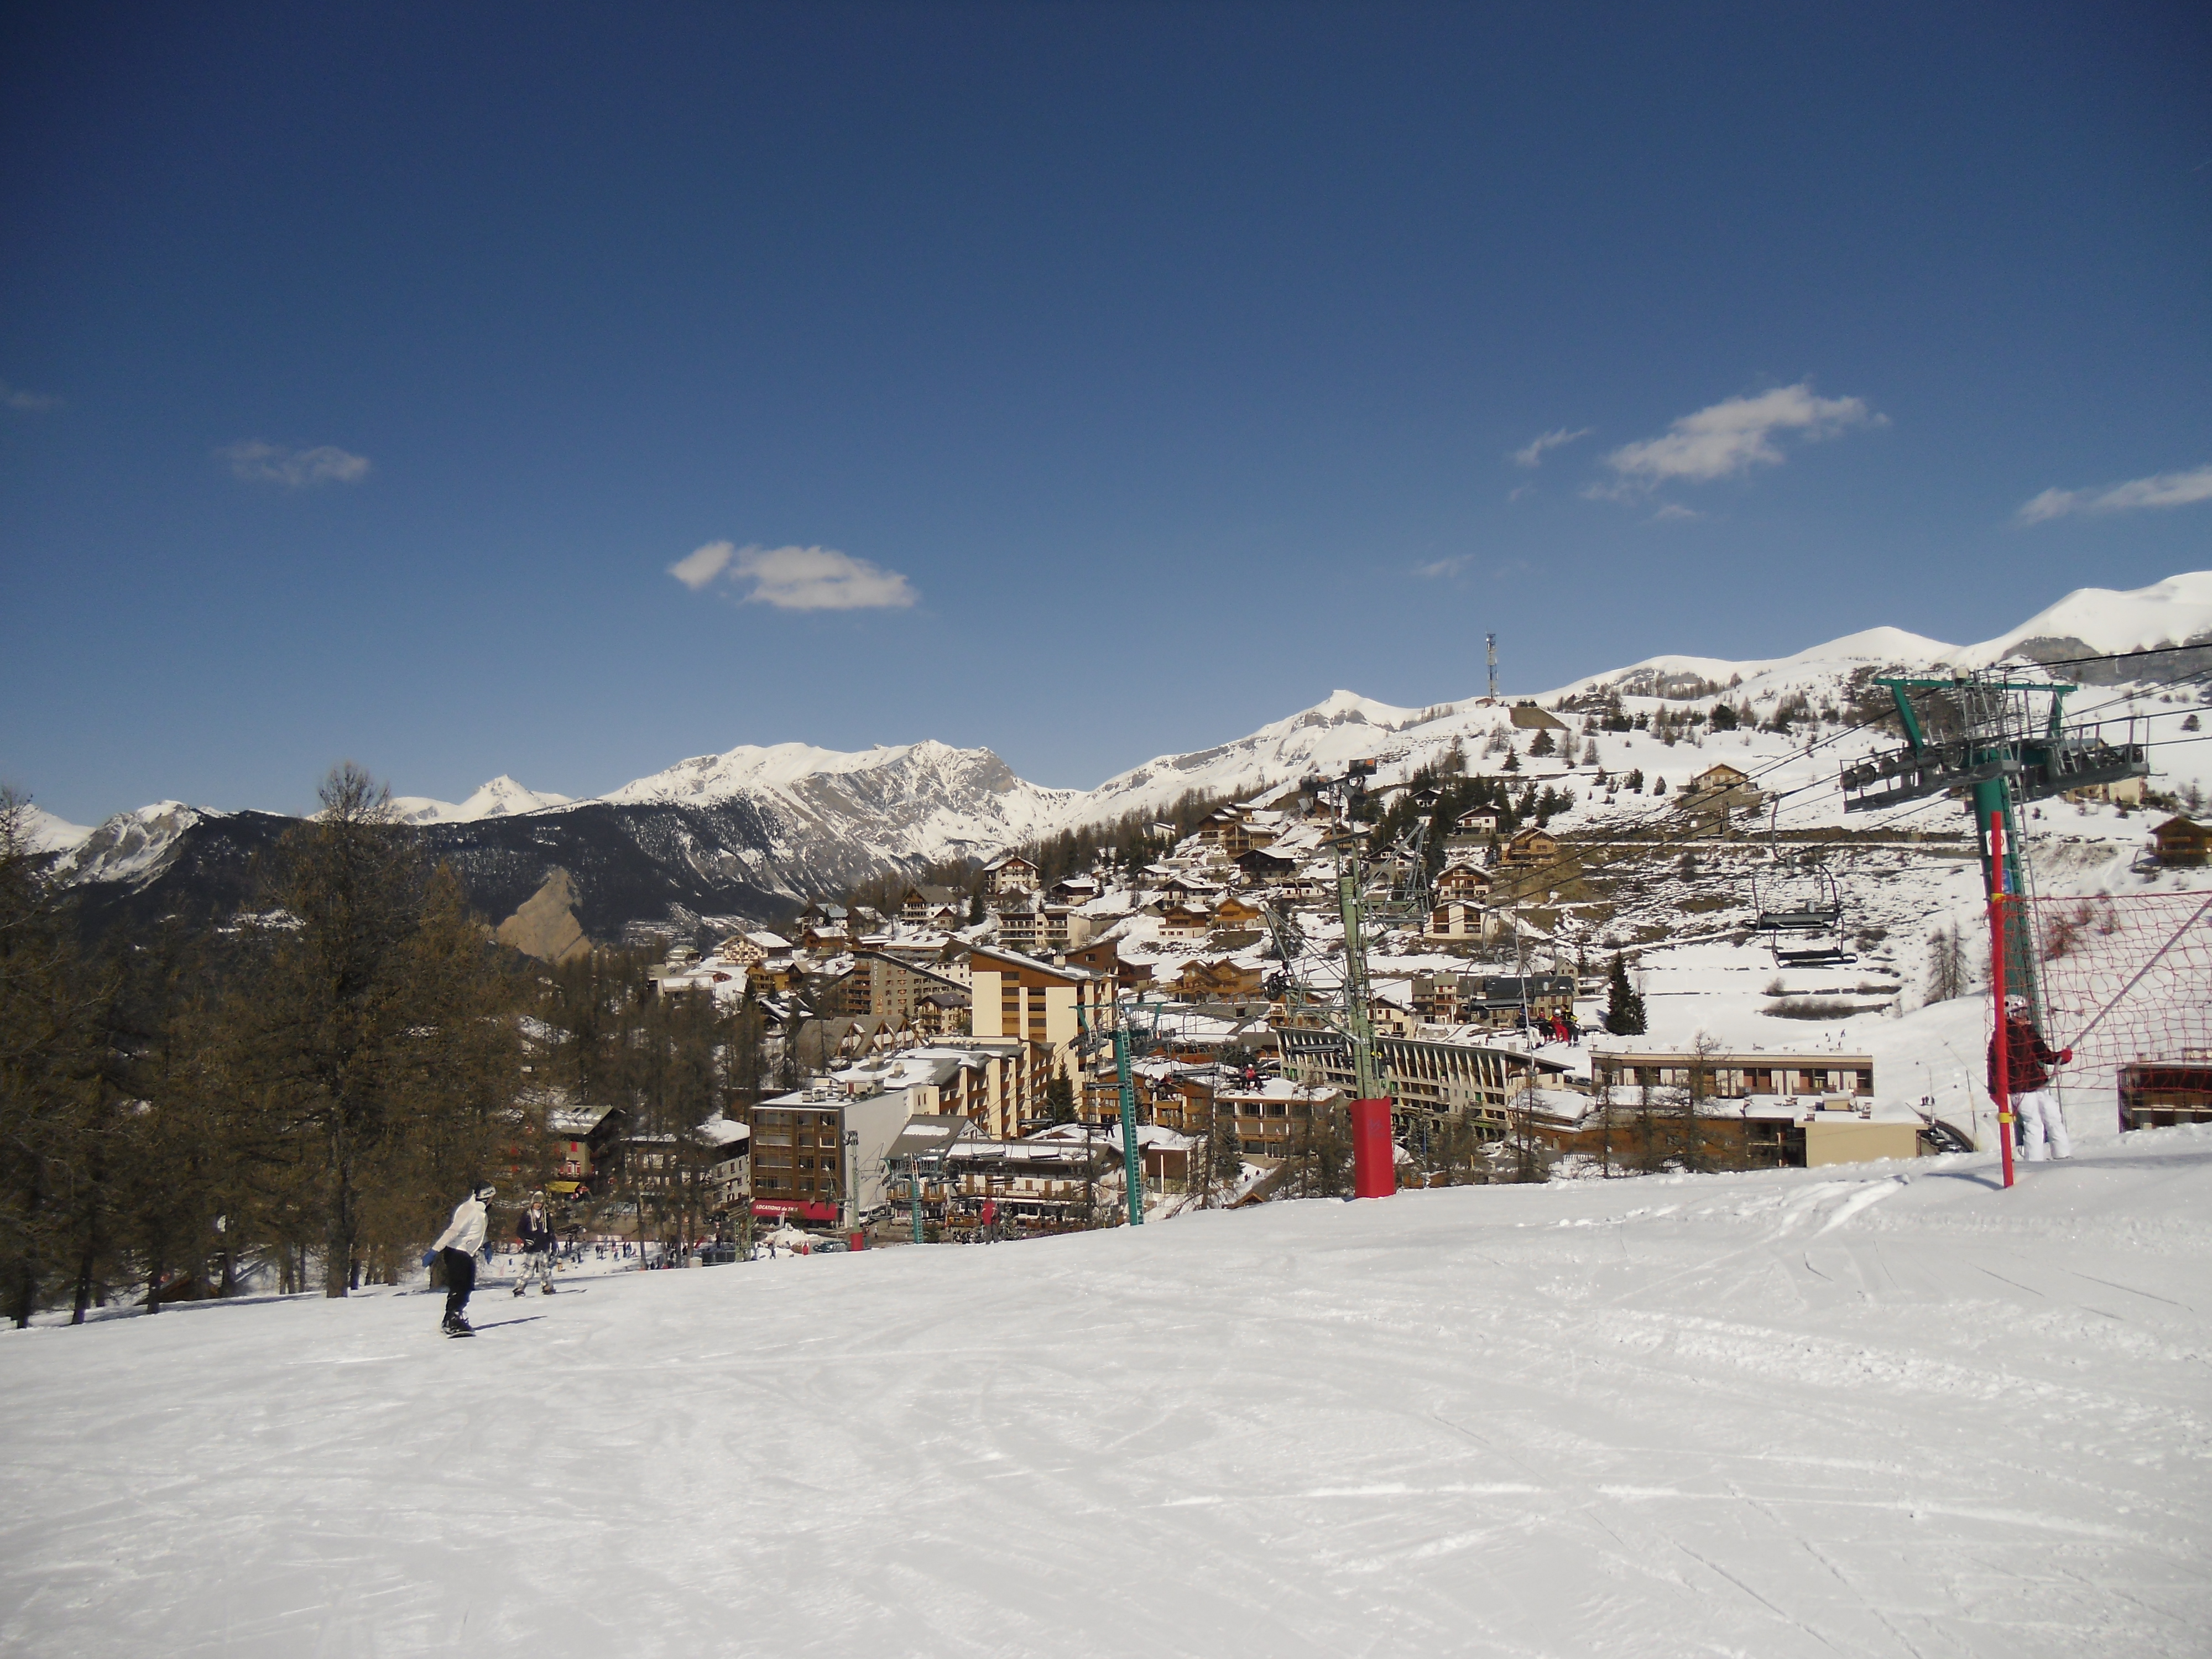 Skiing in the cote d azur valberg and isola 2000 la vie de kelsey - Office de tourisme d isola 2000 ...